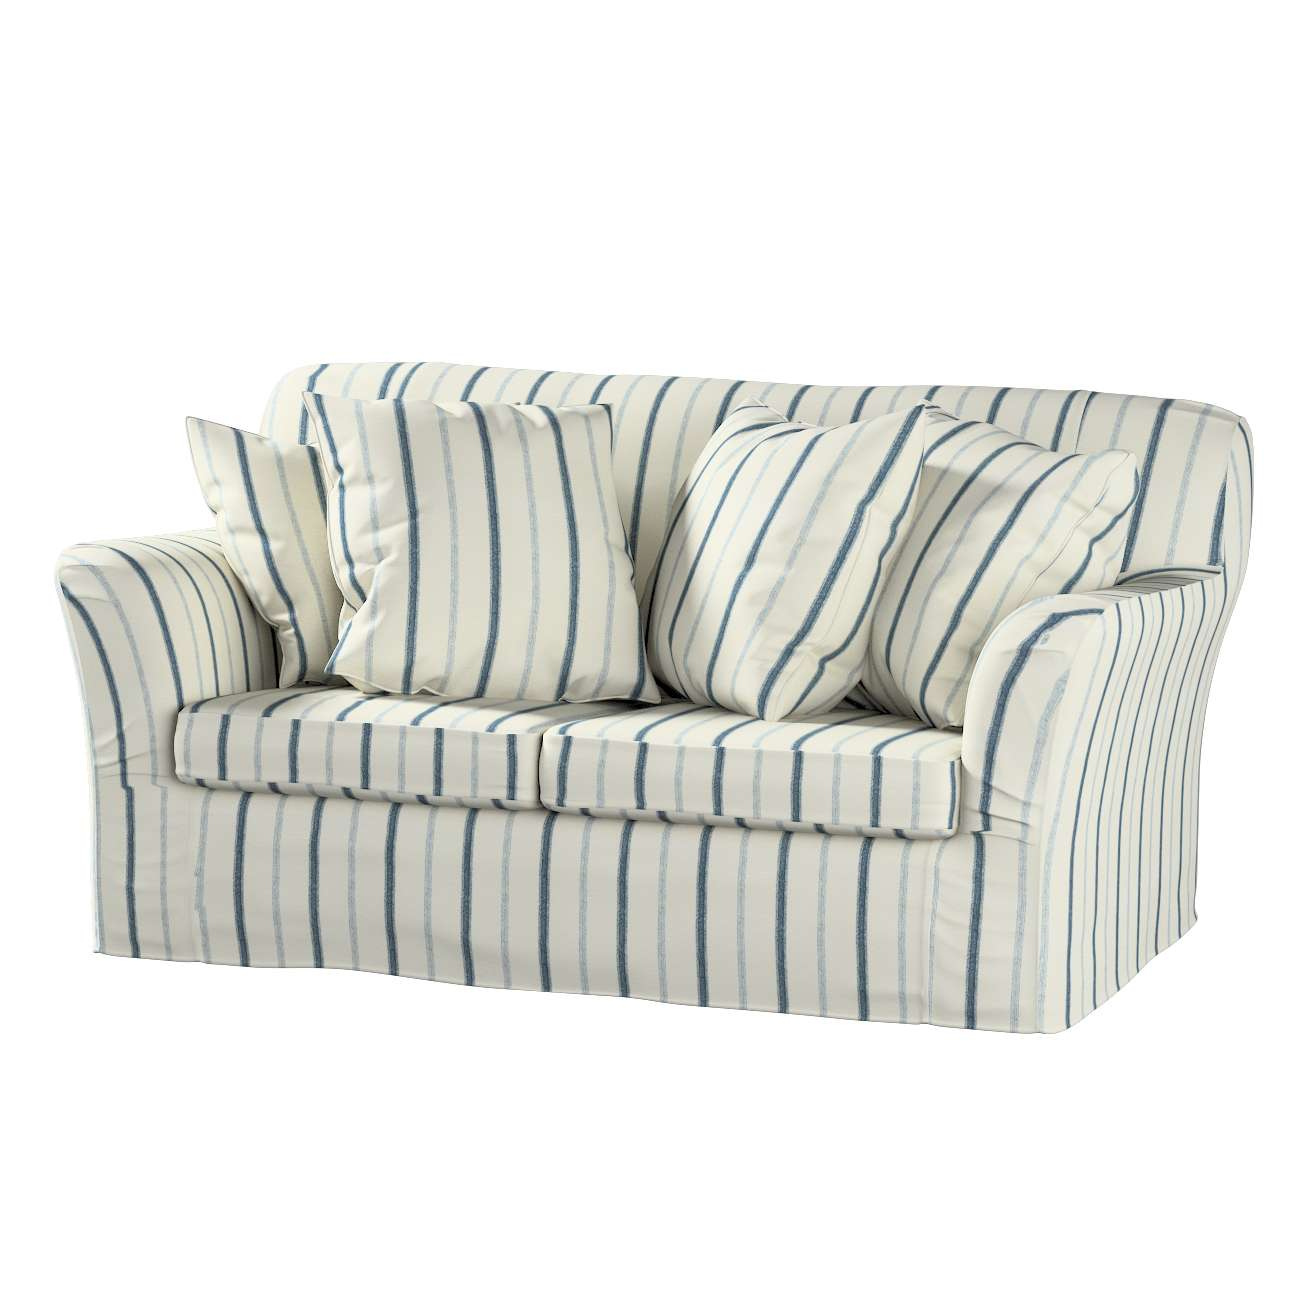 Tomelilla 2-Sitzer Sofabezug nicht ausklappbar Sofahusse, Tomelilla 2-Sitzer von der Kollektion Avinon, Stoff: 129-66